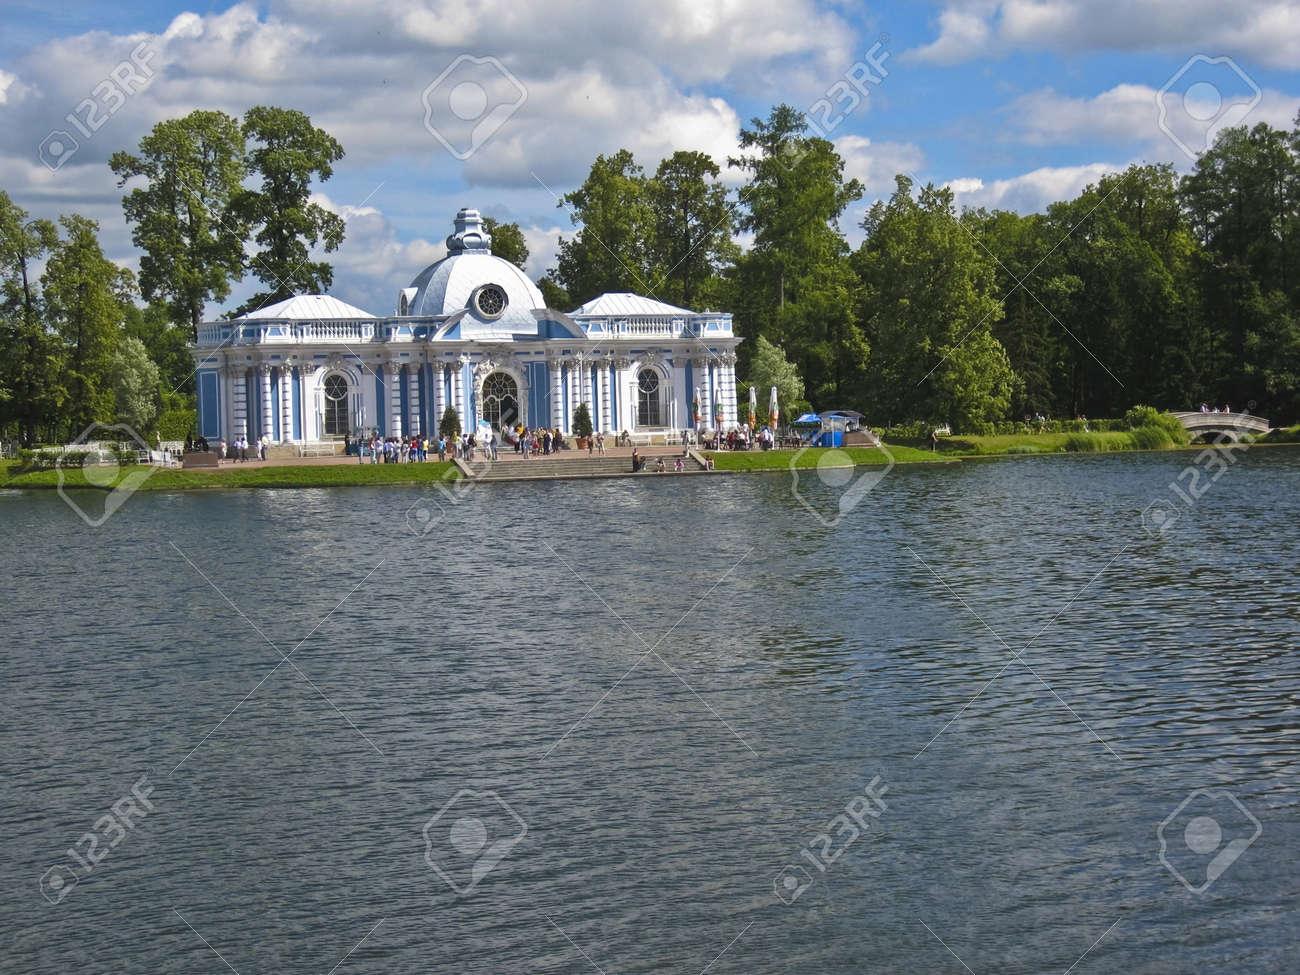 Tsarskoye selo, Russia - July 17, 2008: Decorative pavilion near lake in park in Tsarskoye selo, surroundings of St. Petersburg. Stock Photo - 11542883